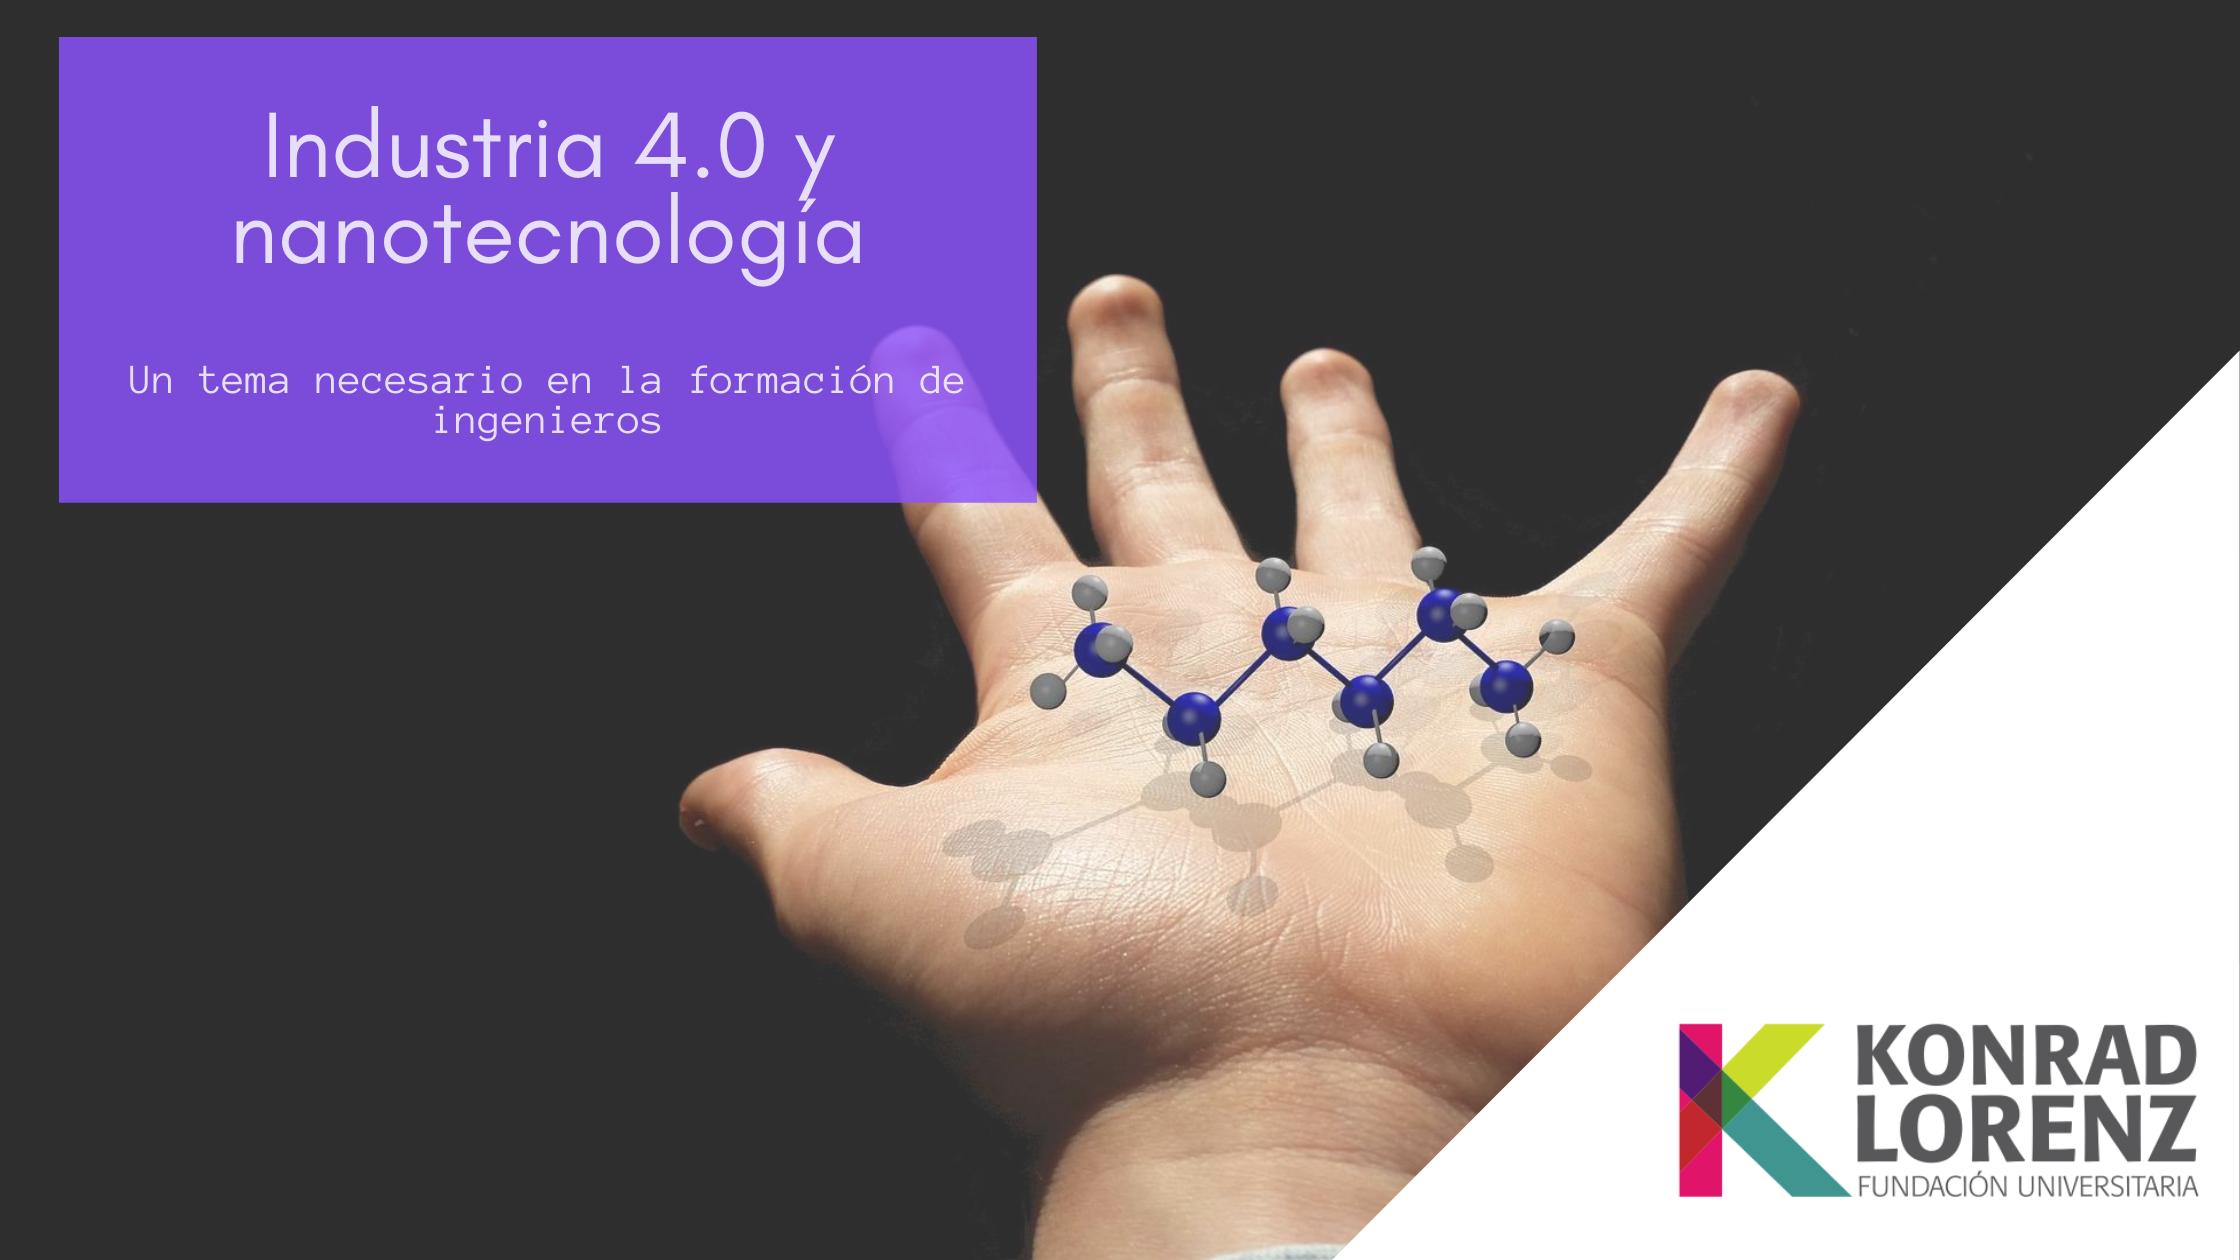 Industria 4.0 y nanotecnología. Un tema necesario en la formación de ingenieros